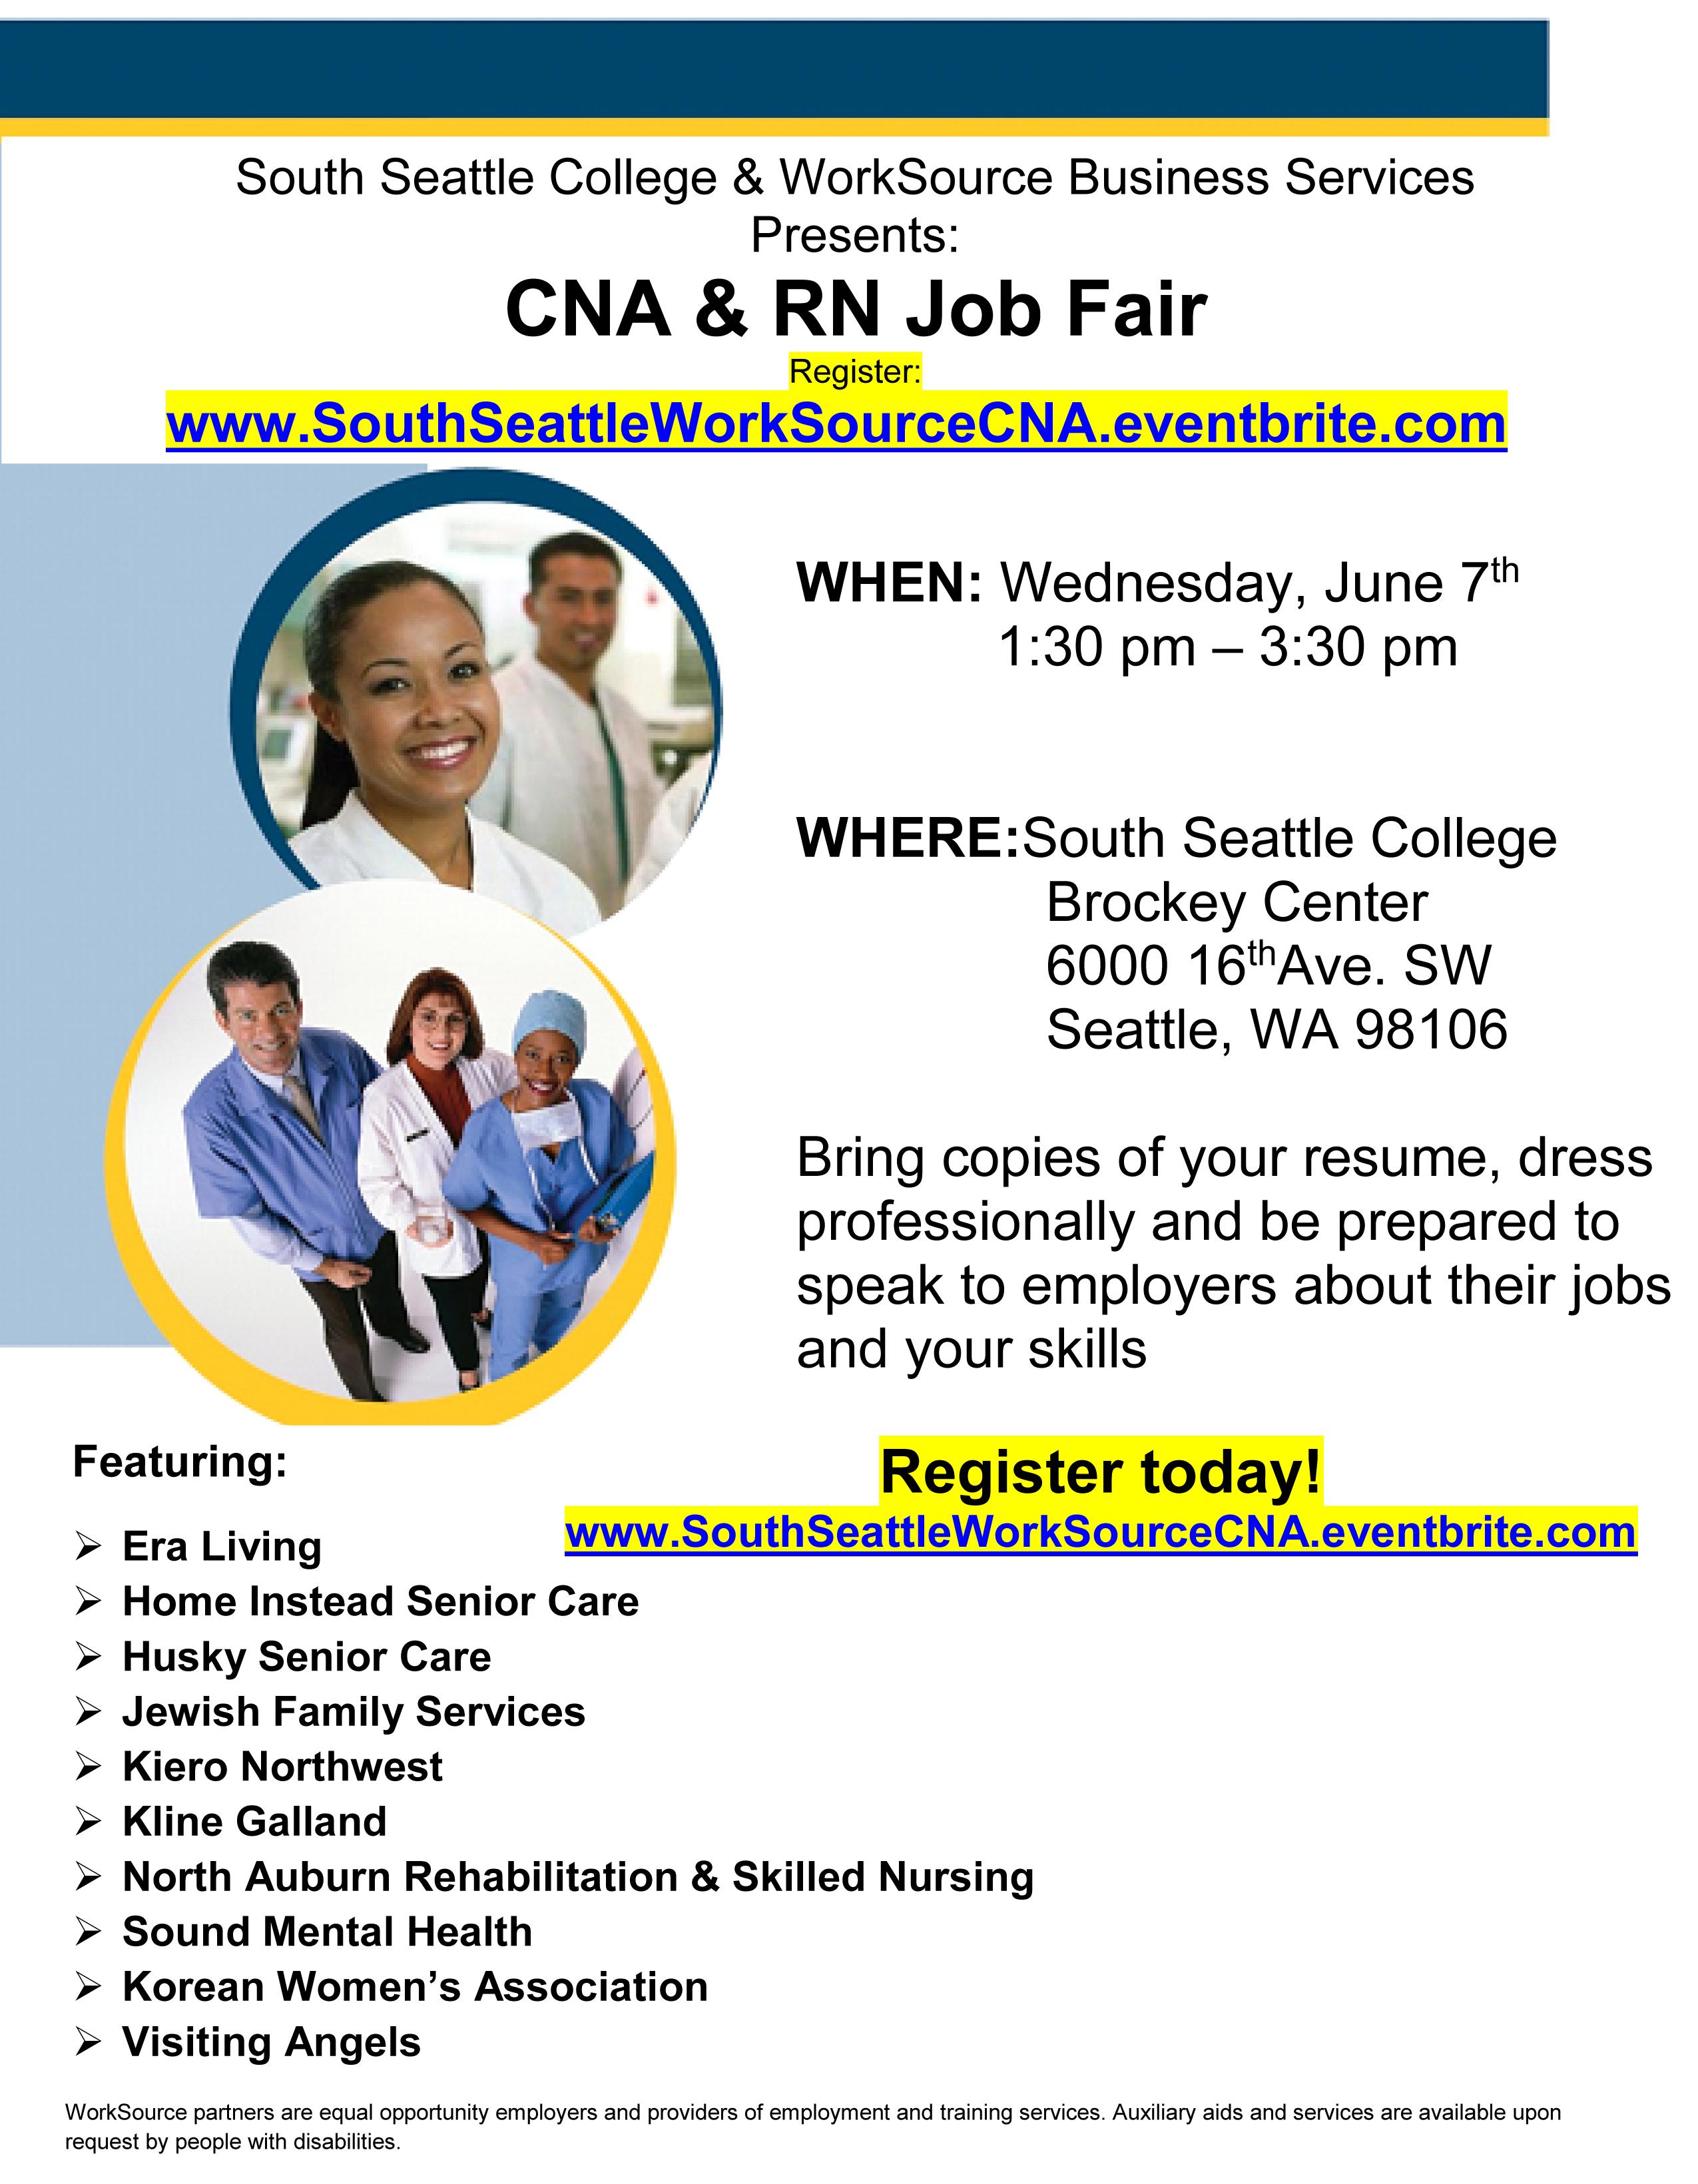 6-7 South Seattle CNA job fair